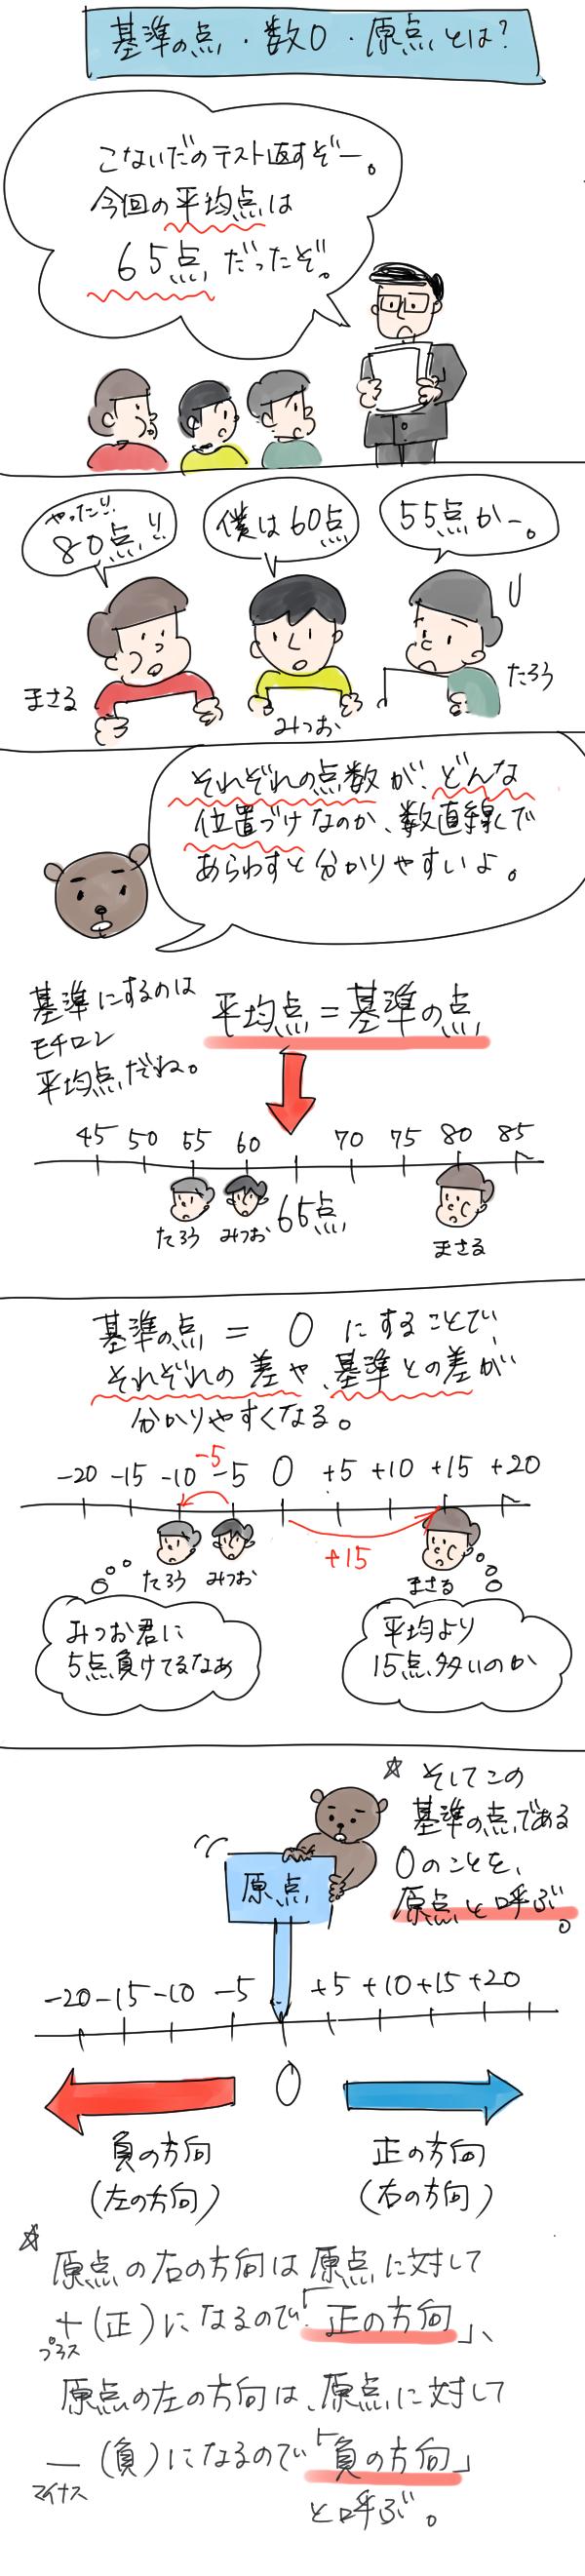 数直線の基準の点・数0・原点とは何かを説明した漫画